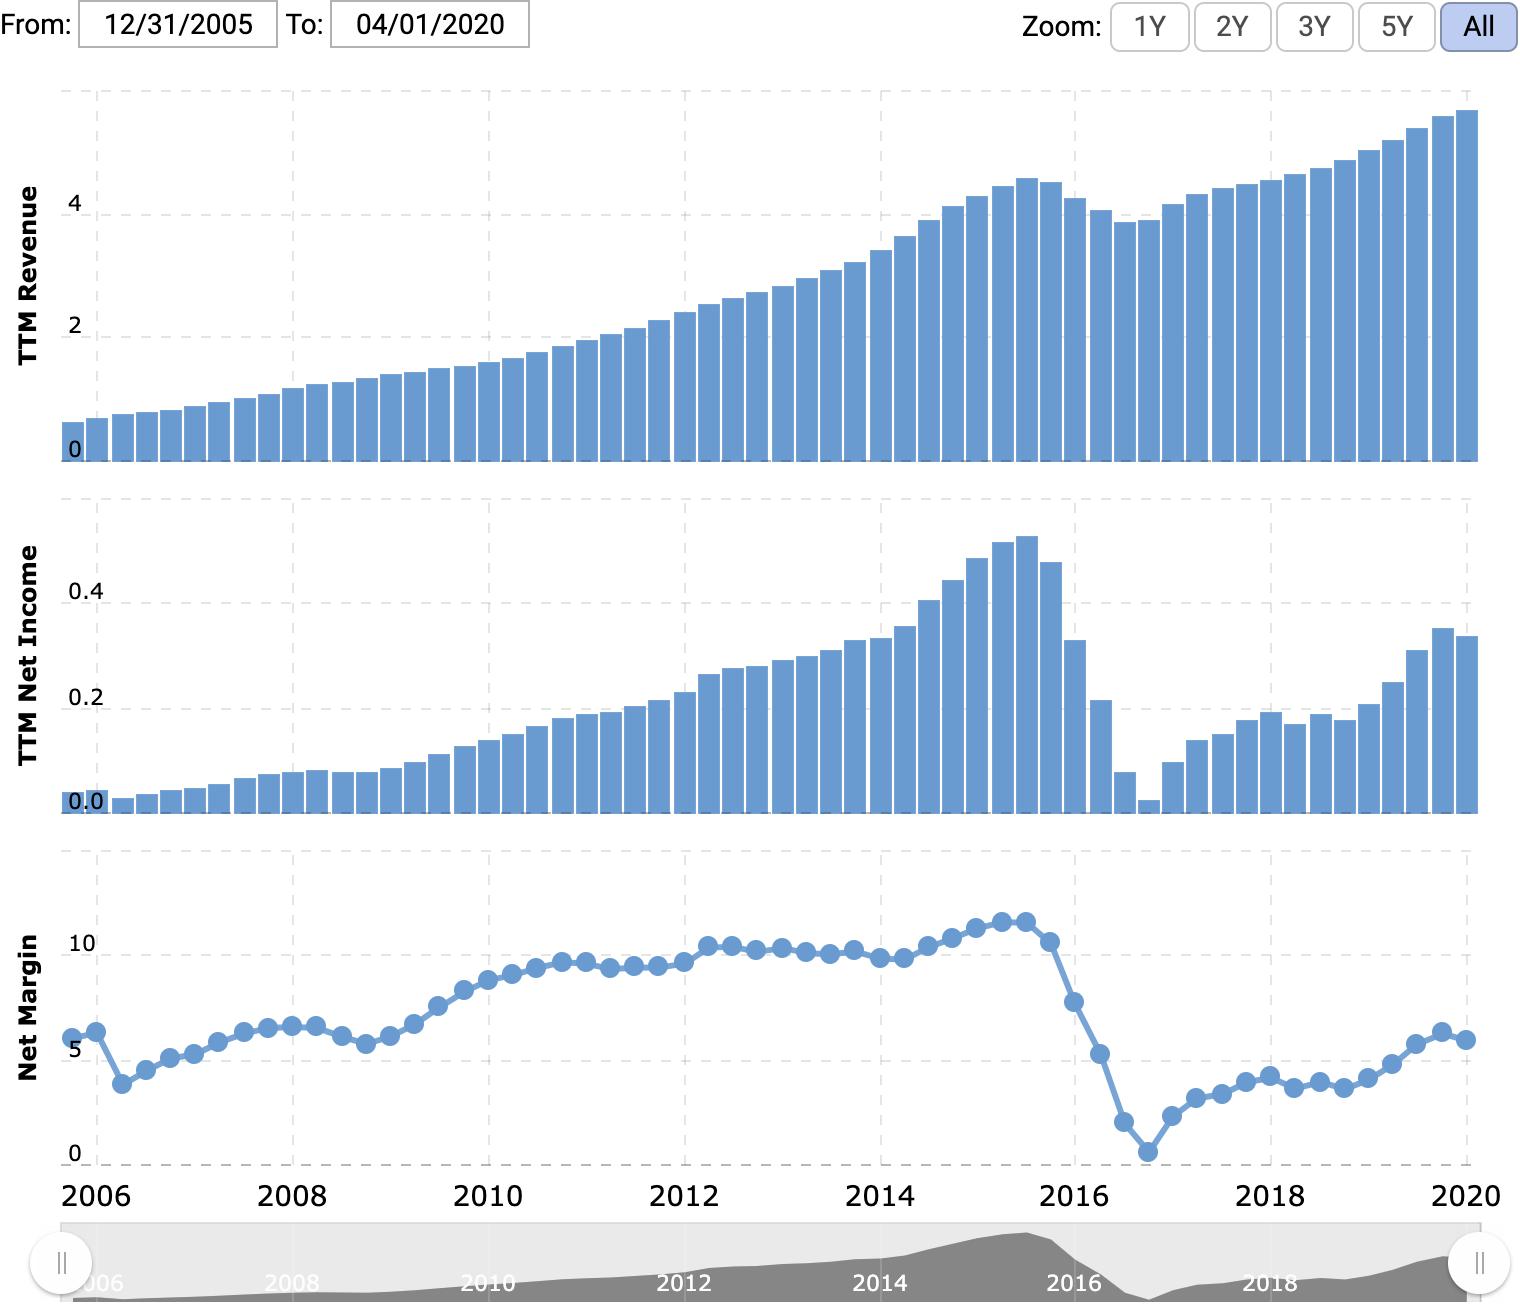 Выручка и прибыль за последние 12месяцев в миллиардах долларов, итоговая маржа в процентах от выручки. Источник: Macrotrends